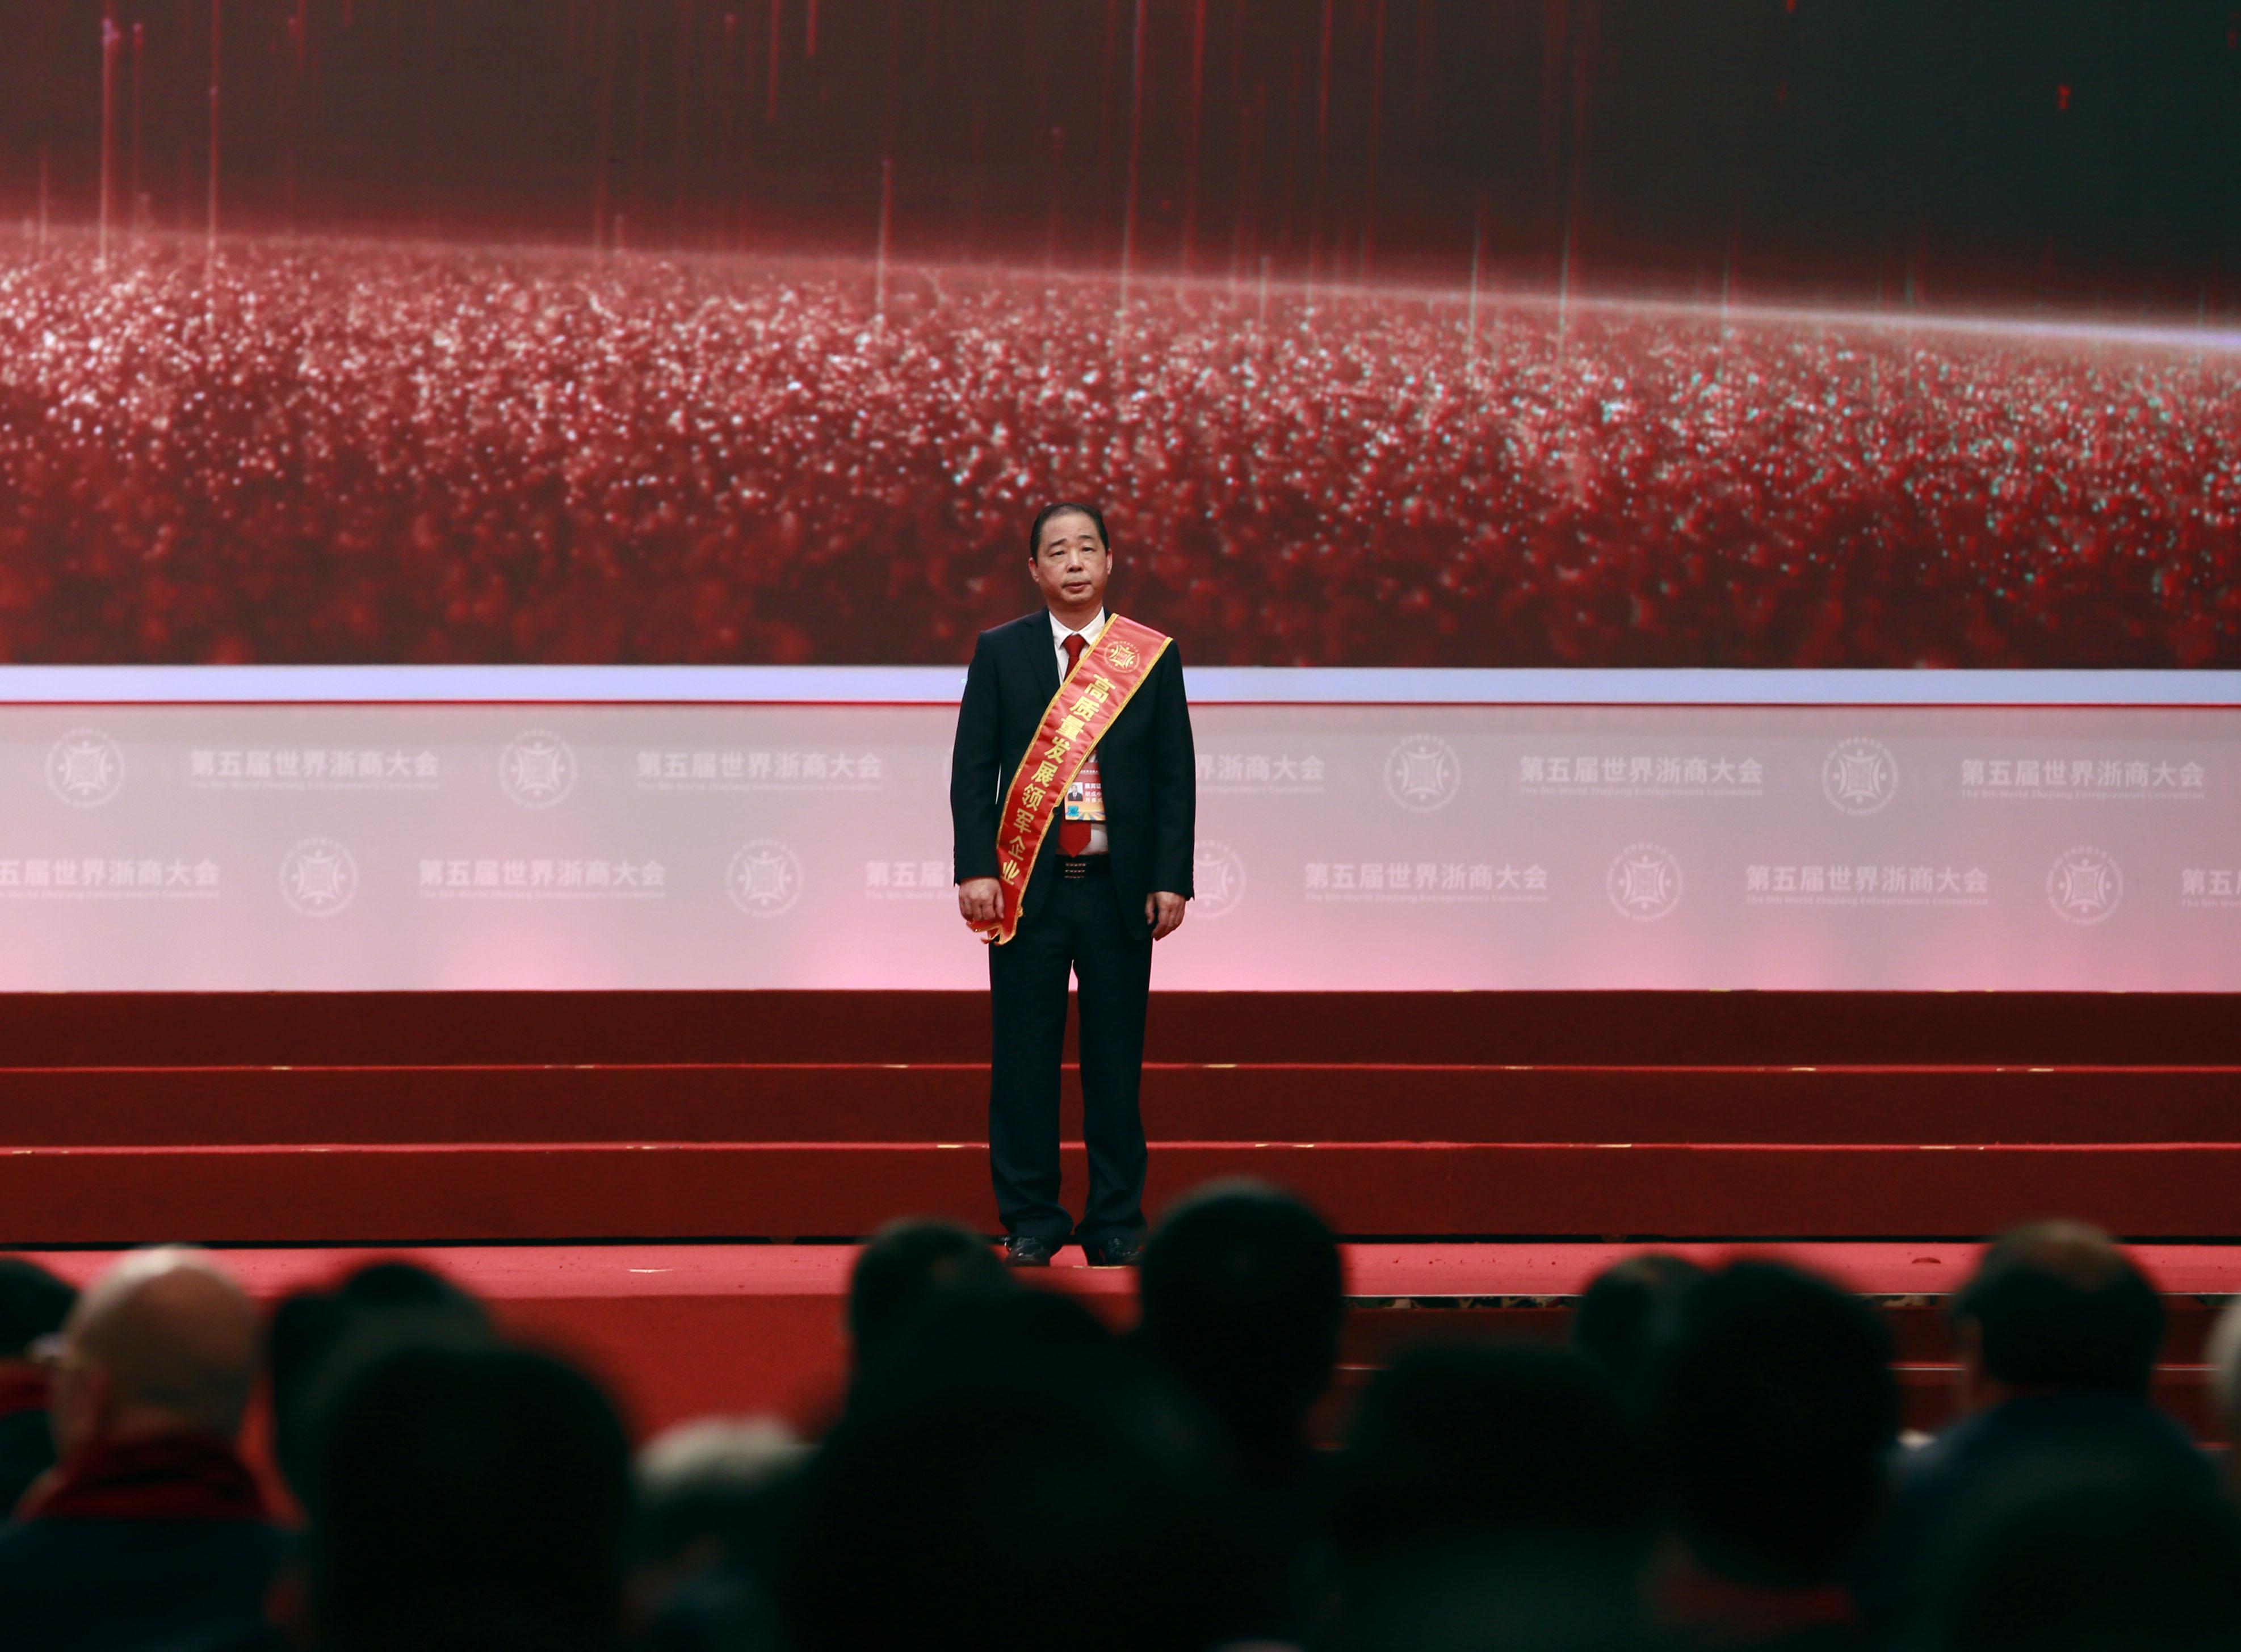 """第五届世界浙商大会开幕 德力西获评""""高质量发展领军企业"""""""